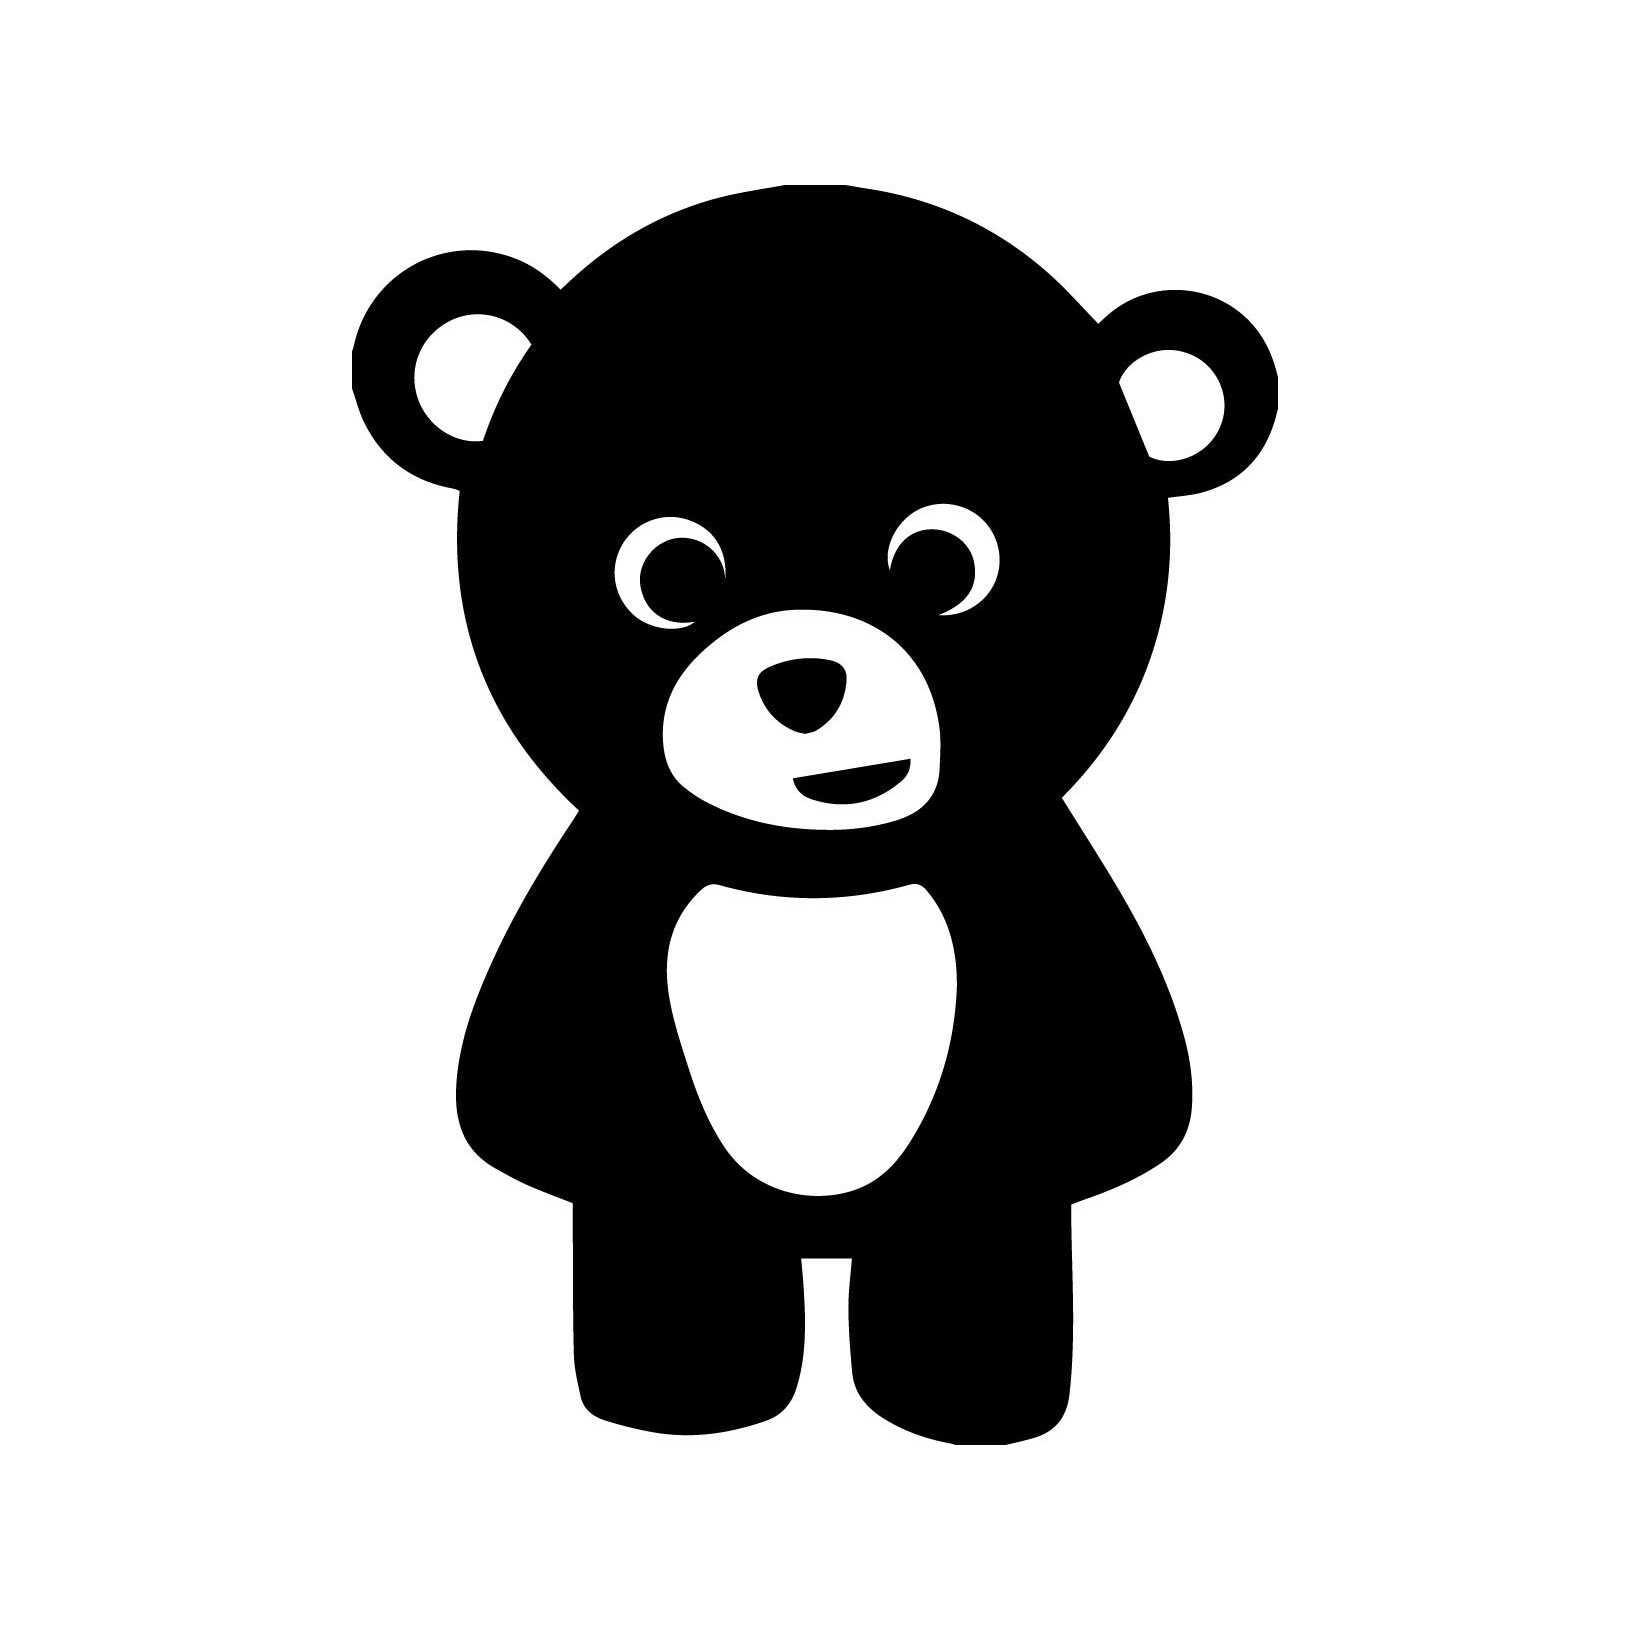 Милая плюшевая наклейка «Медведь», детская наклейка на бампер, украшение автомобиля, красивая и крутая наклейка s